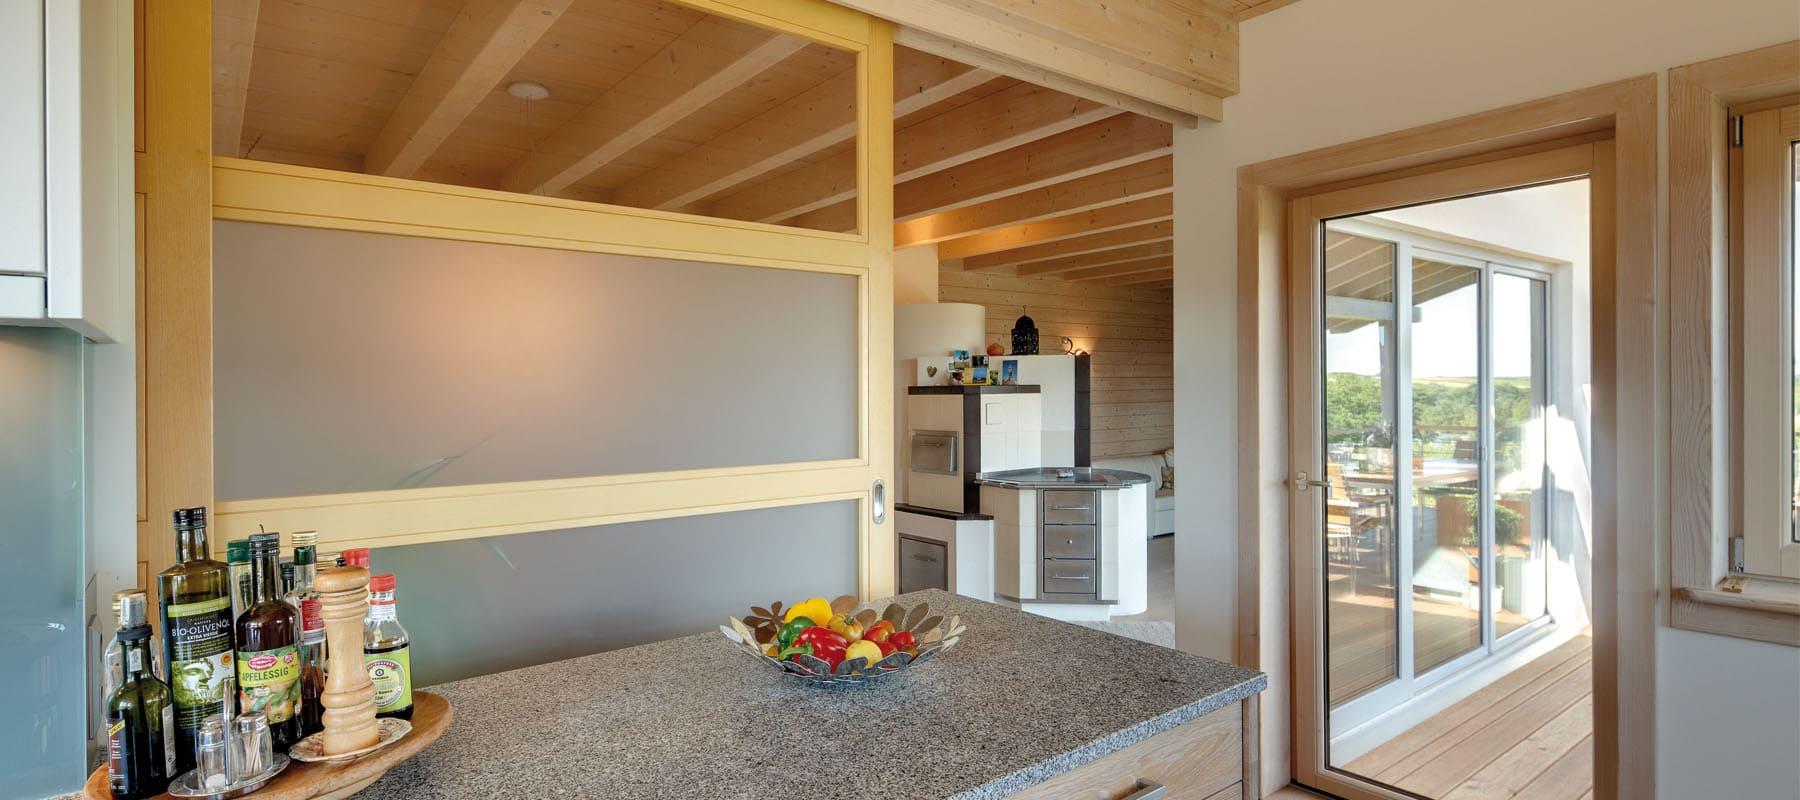 kunden holzhaus fischer im zeitlos eleganten stil. Black Bedroom Furniture Sets. Home Design Ideas